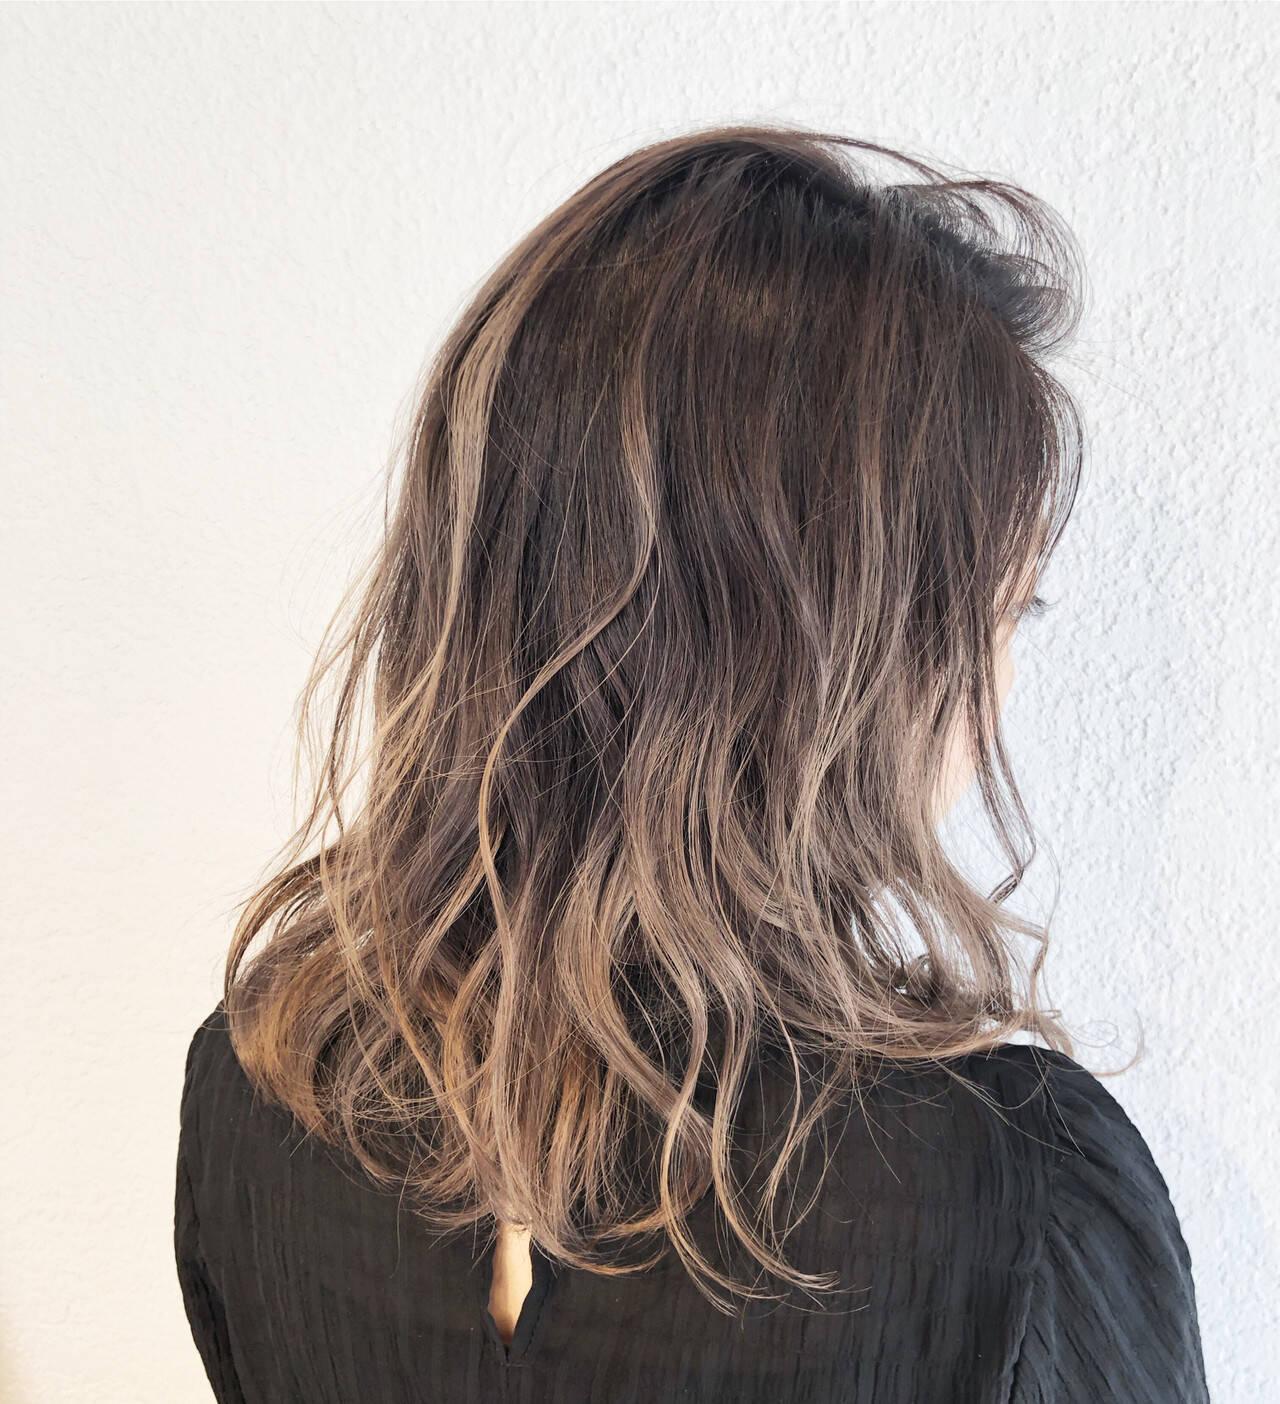 ヘアアレンジ ストリート ミディアム バレイヤージュヘアスタイルや髪型の写真・画像